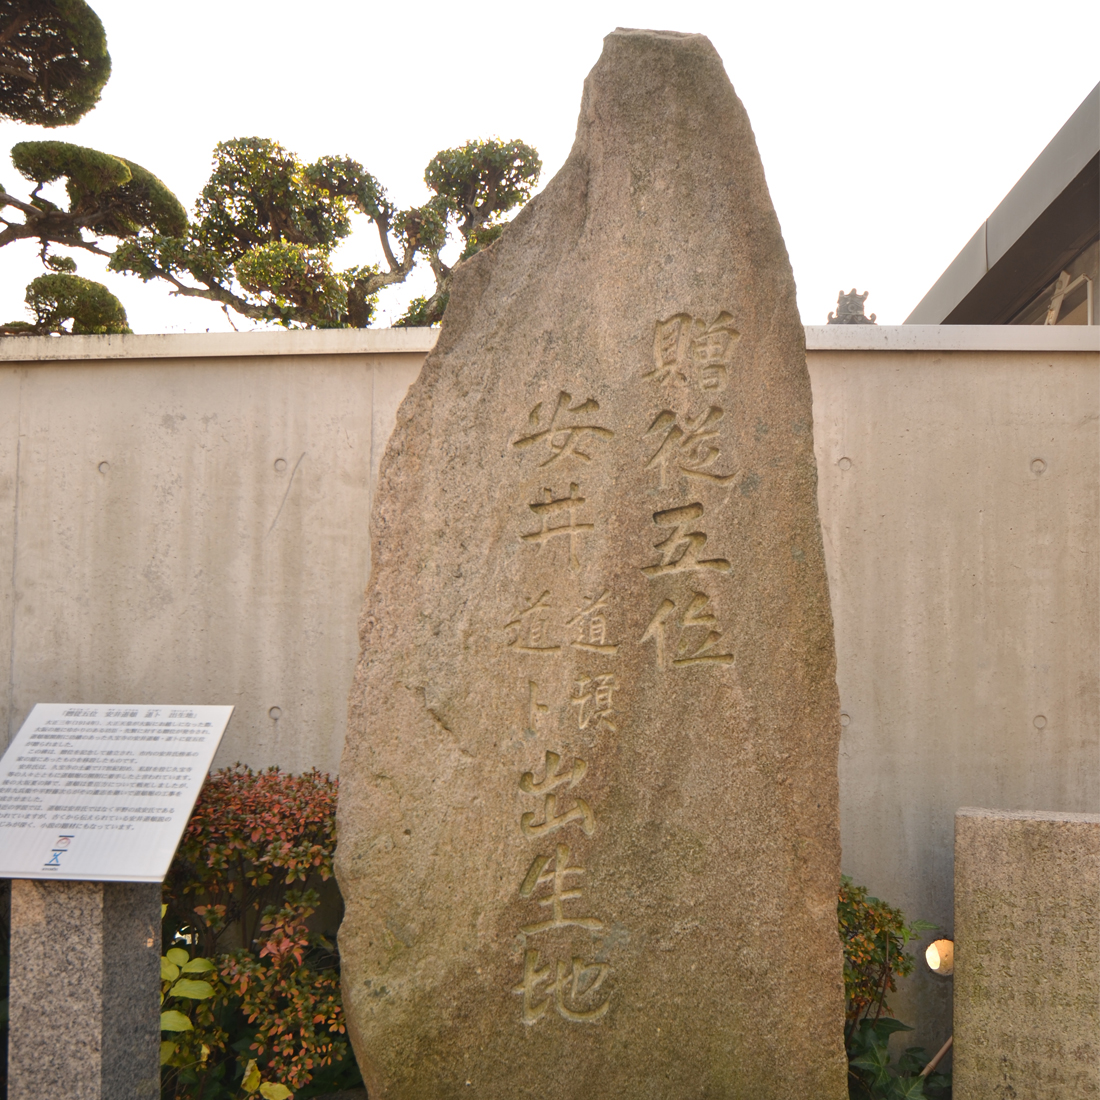 安井道頓の碑